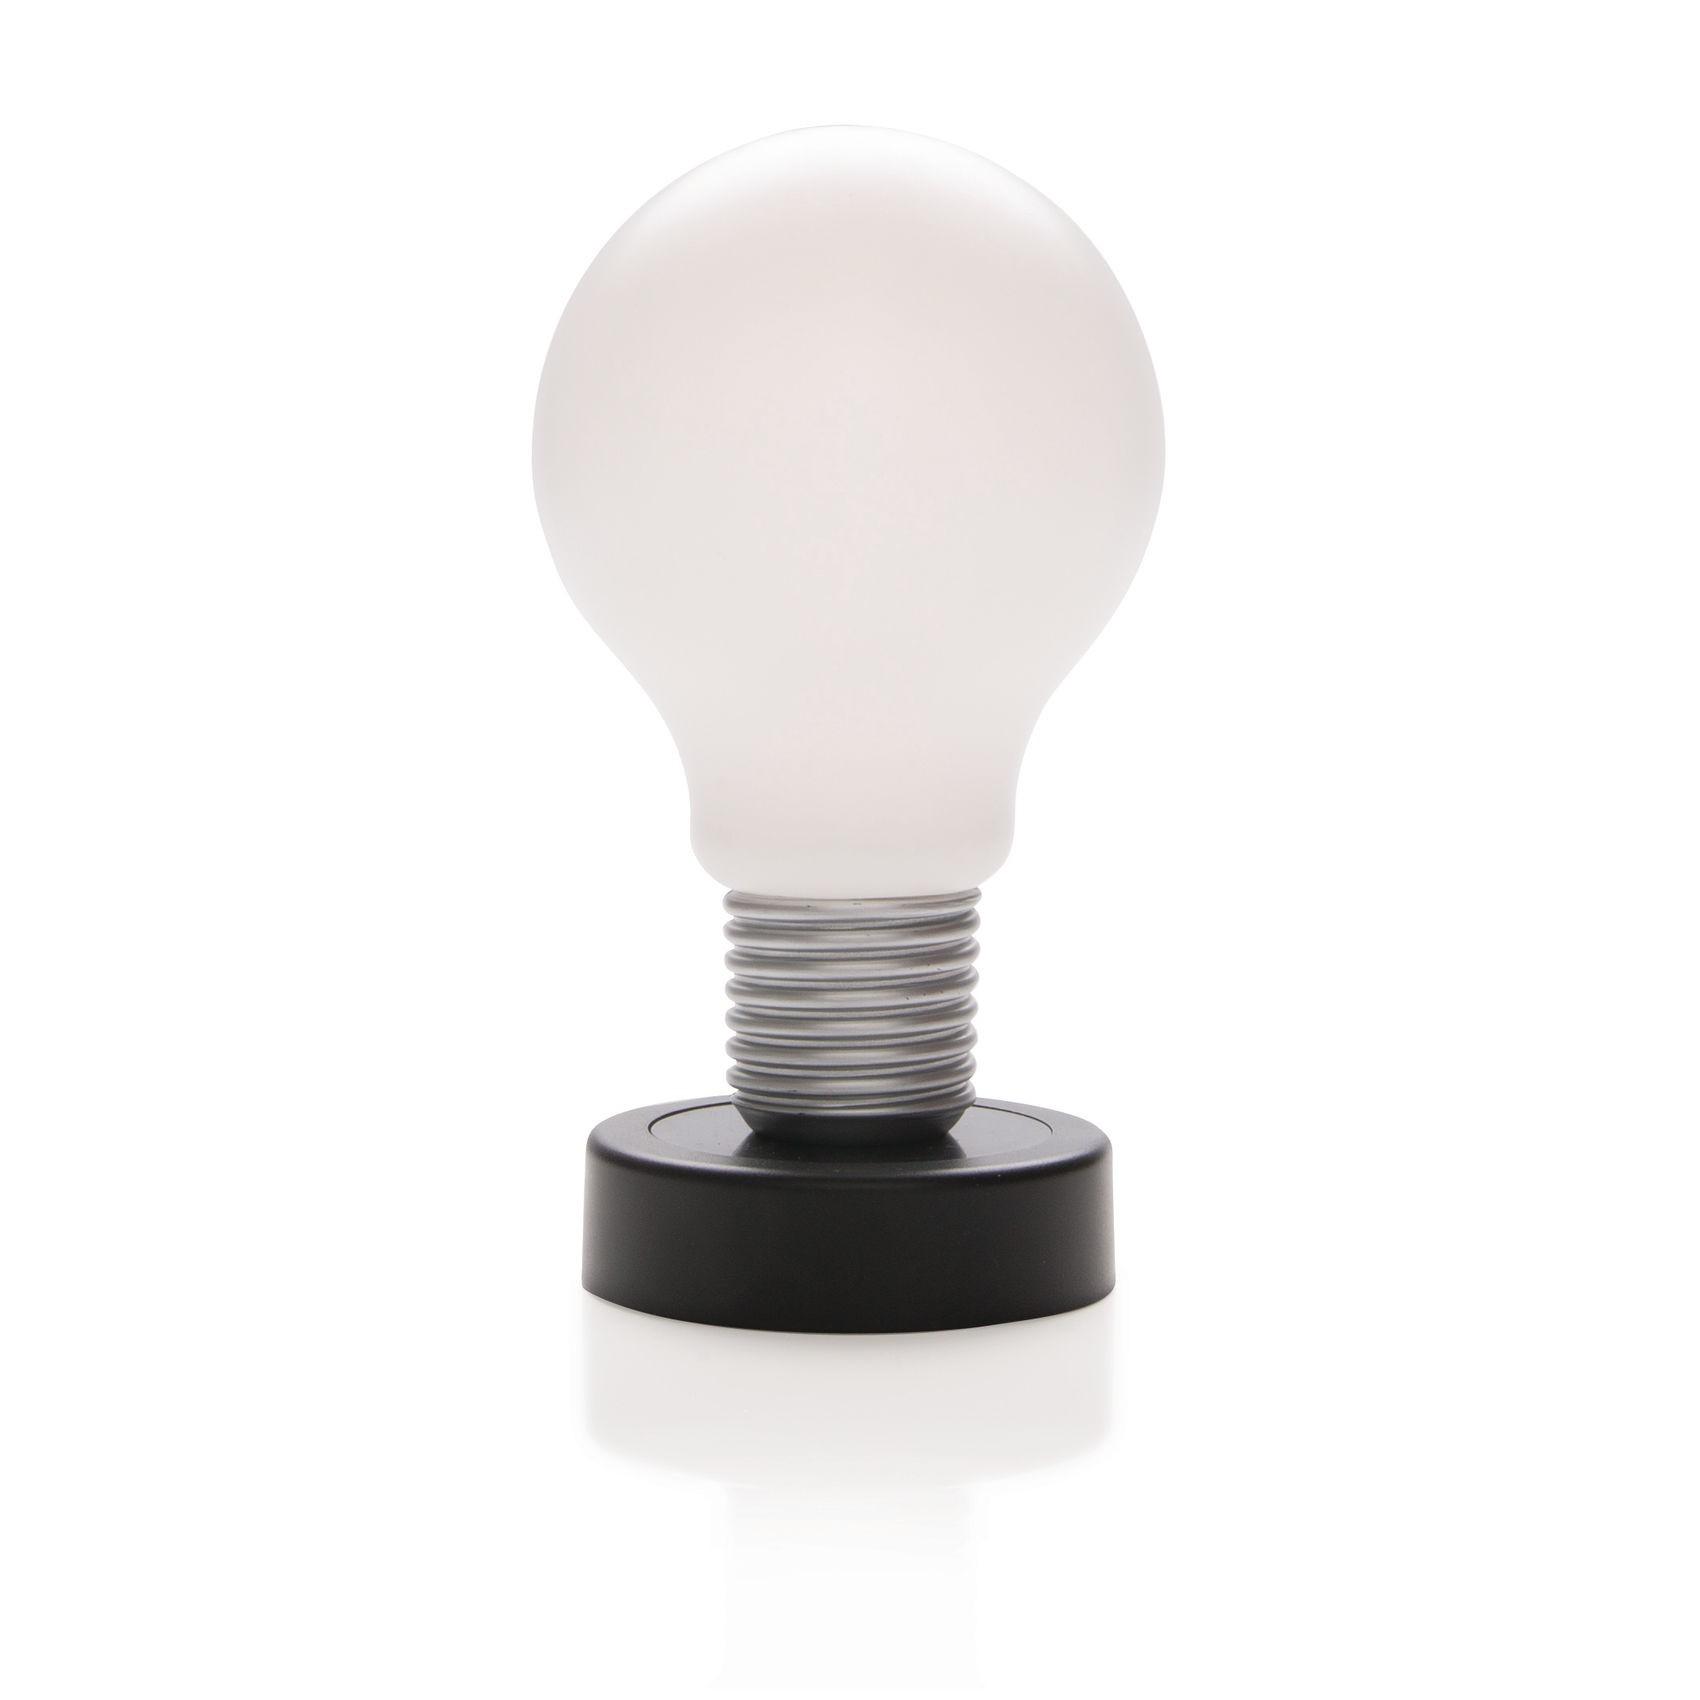 Par Kelcom À Lampe Poussoir Led Personnalisable 4j3AL5Rq